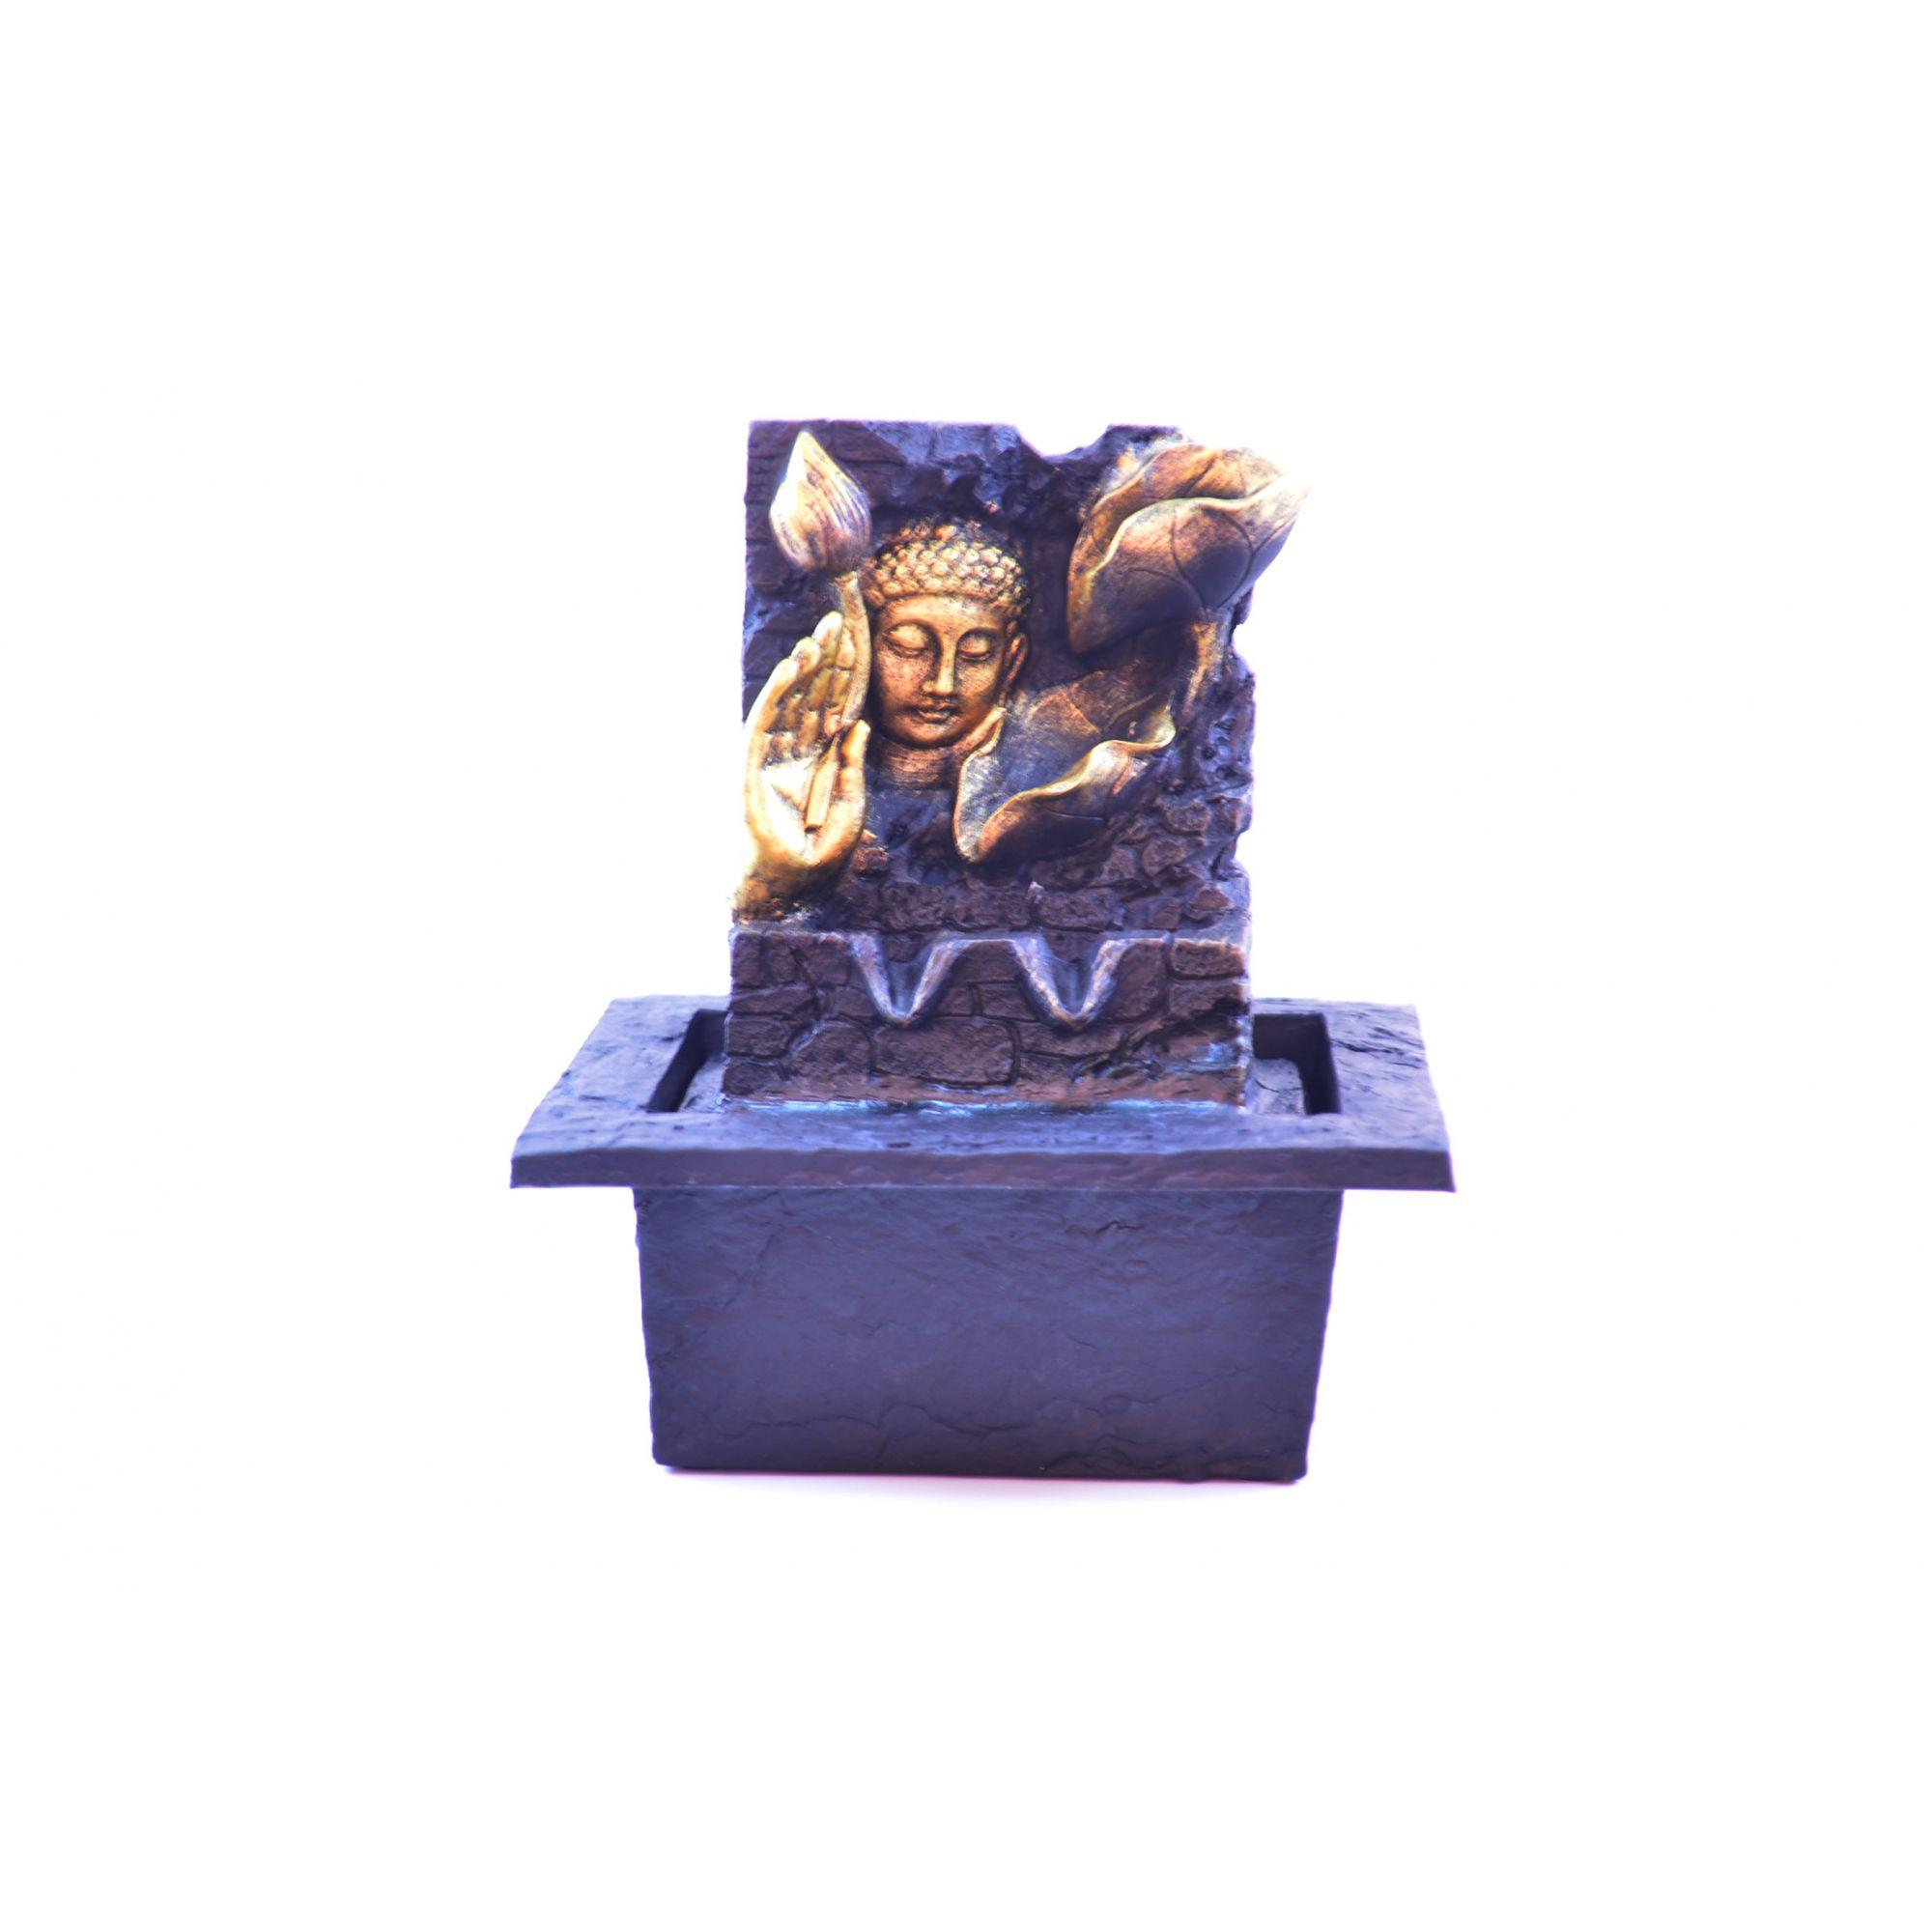 Fonte de Água Buda Face com Mãos Resina 19cm  - Arrivo Mobile